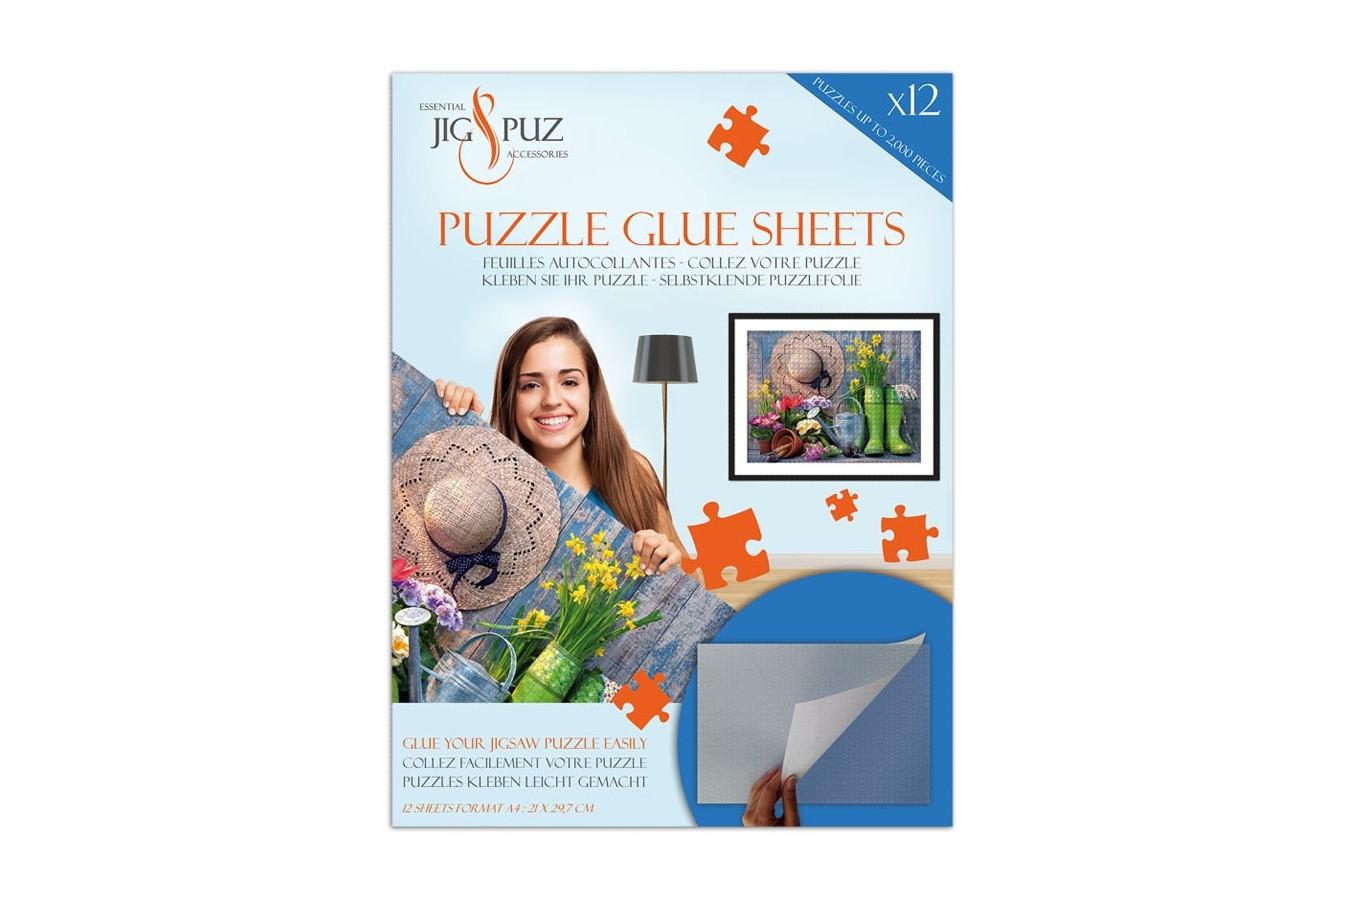 Folii pentru lipit puzzle 2000 piese Jig & Puz imagine